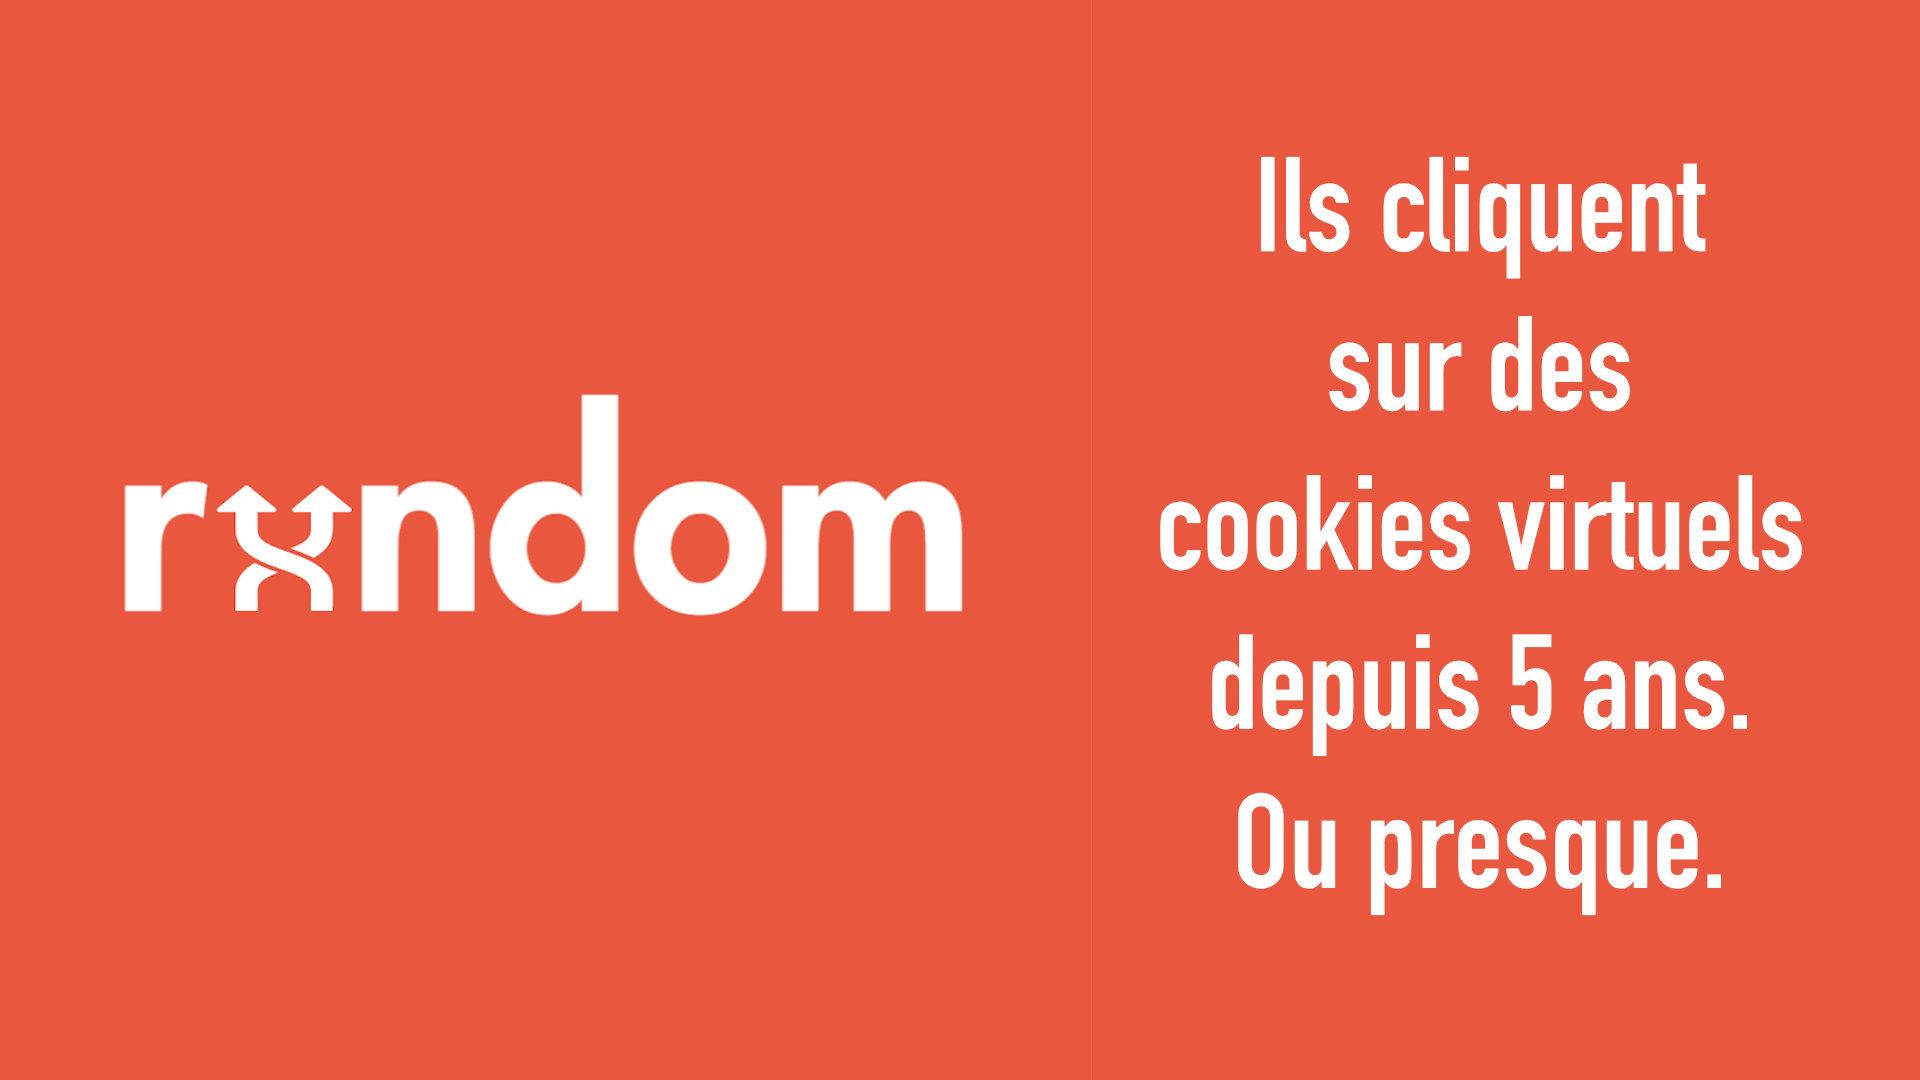 Ils cliquent sur des cookies virtuels depuis 5 ans (ou